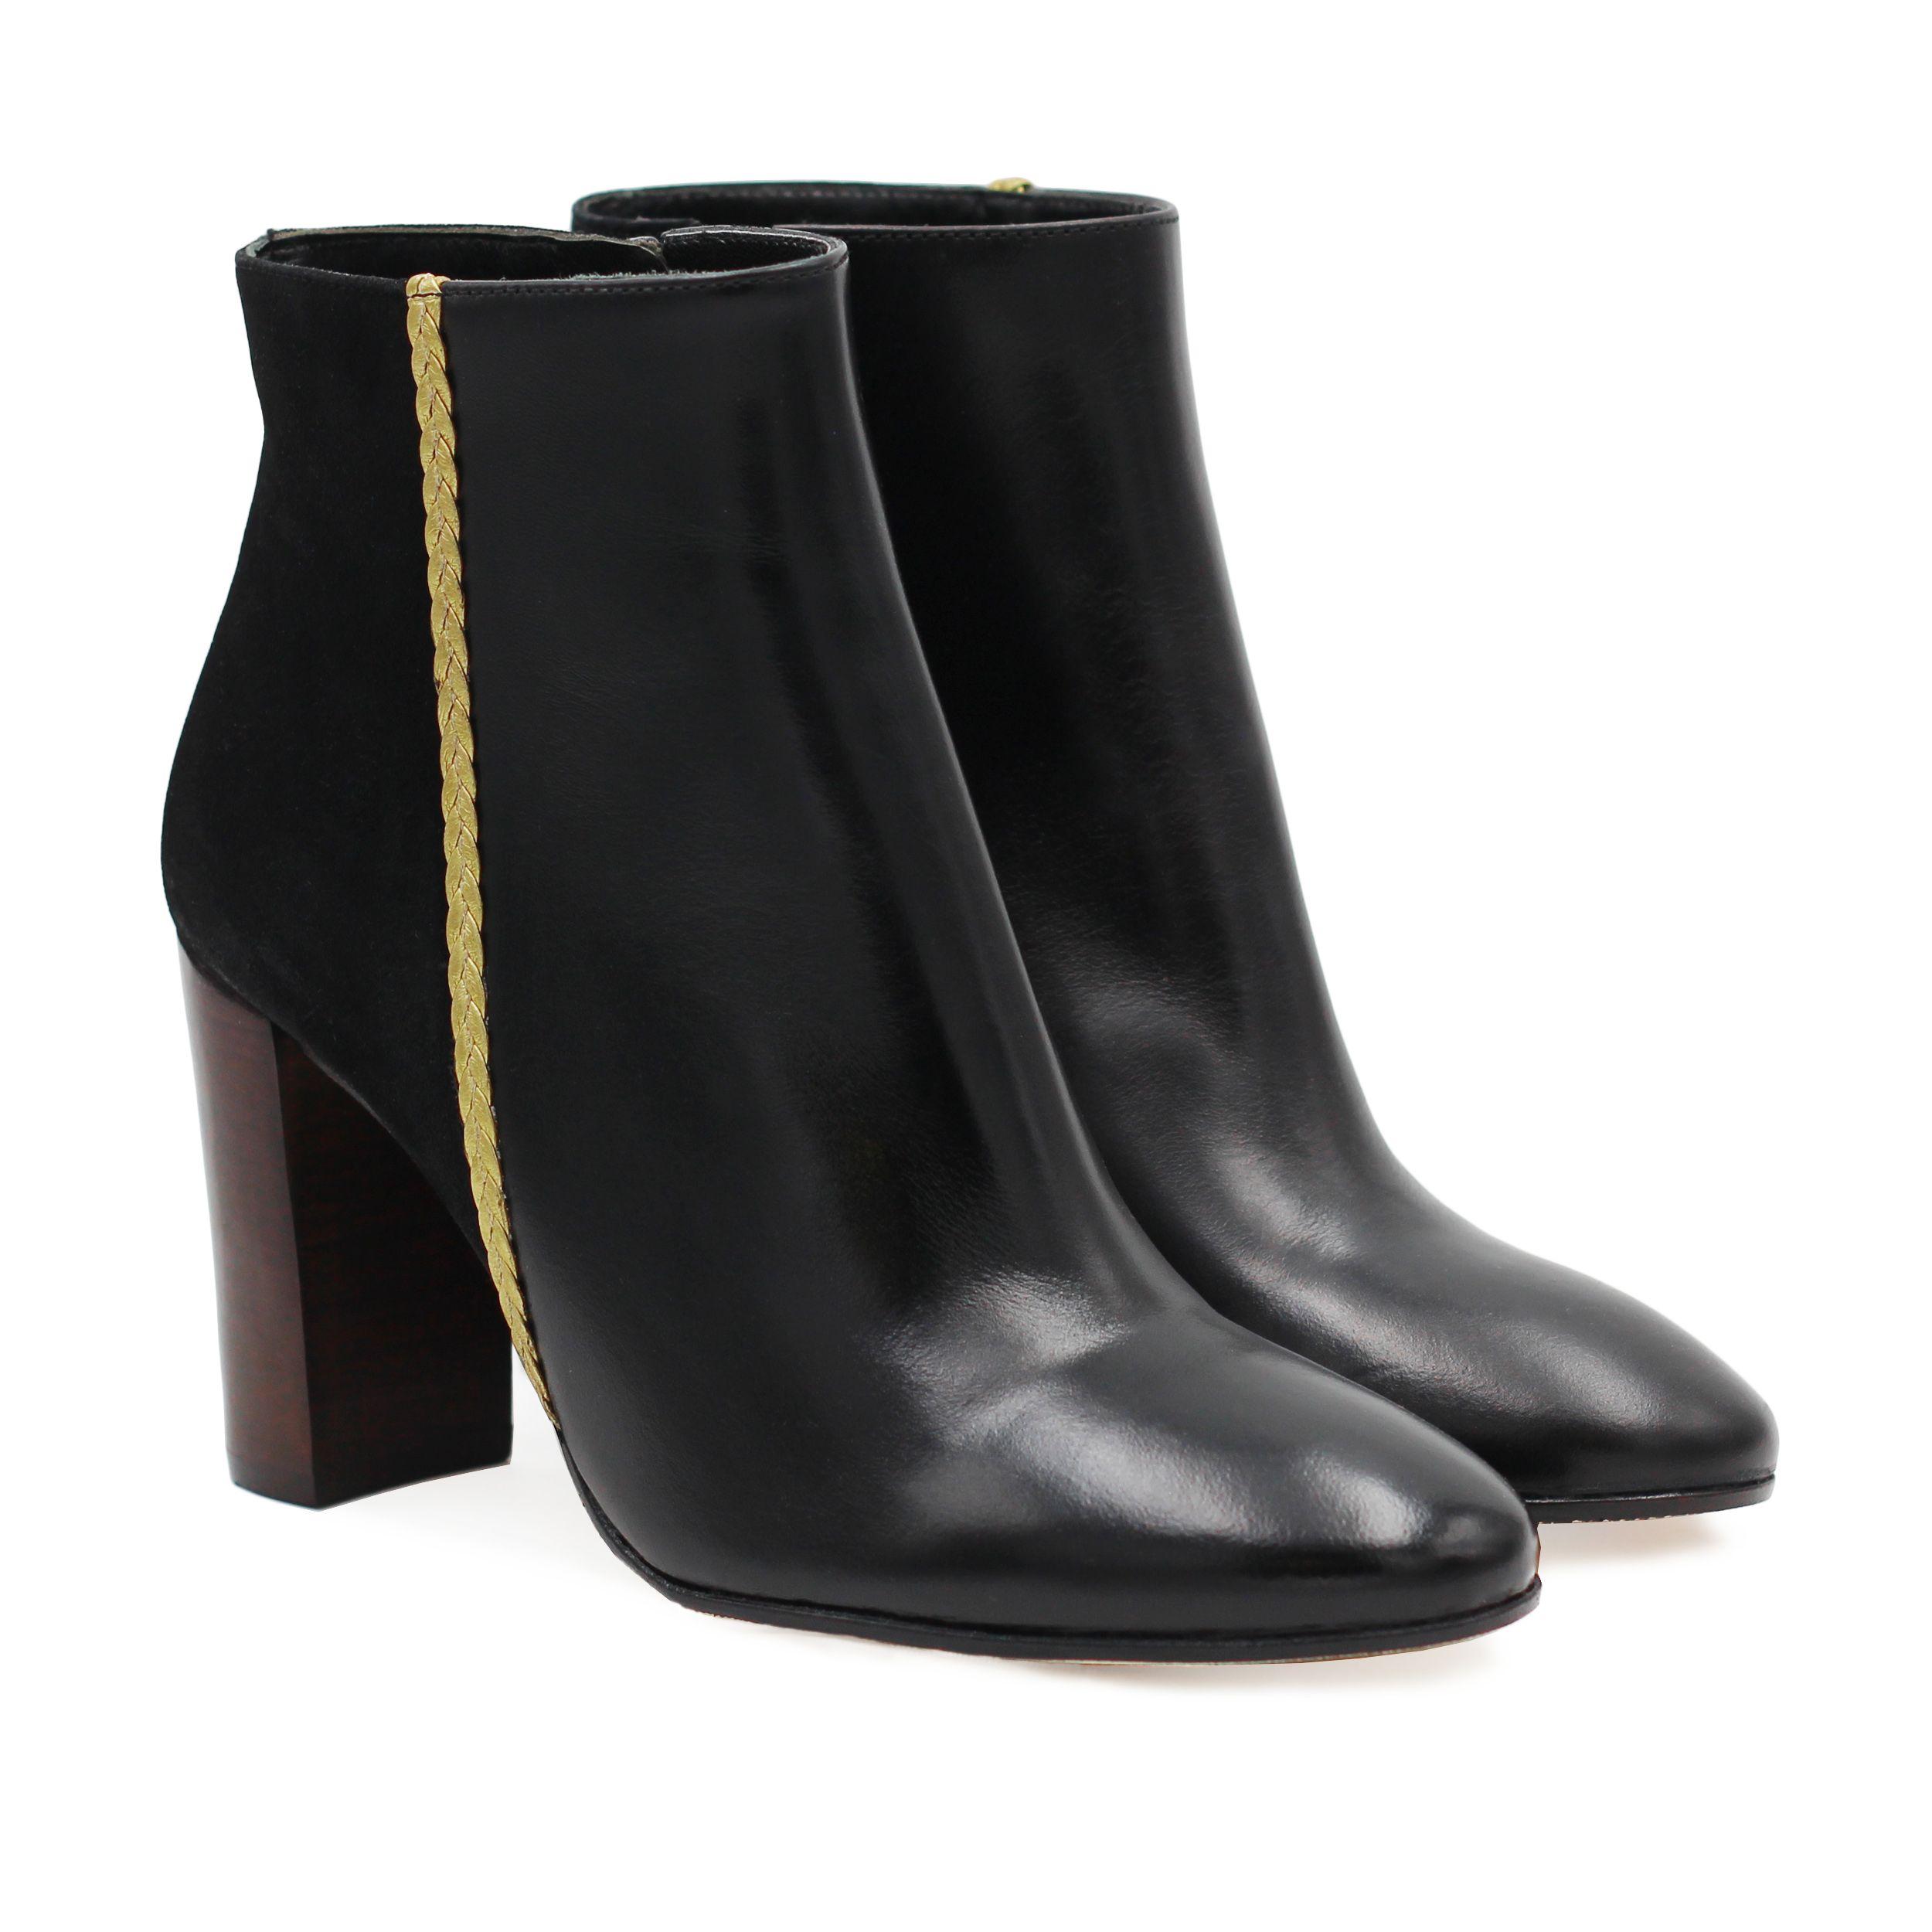 meilleures baskets 5d1d4 6d560 Produit non disponible   Bottines   Shoes, Boots, Fashion